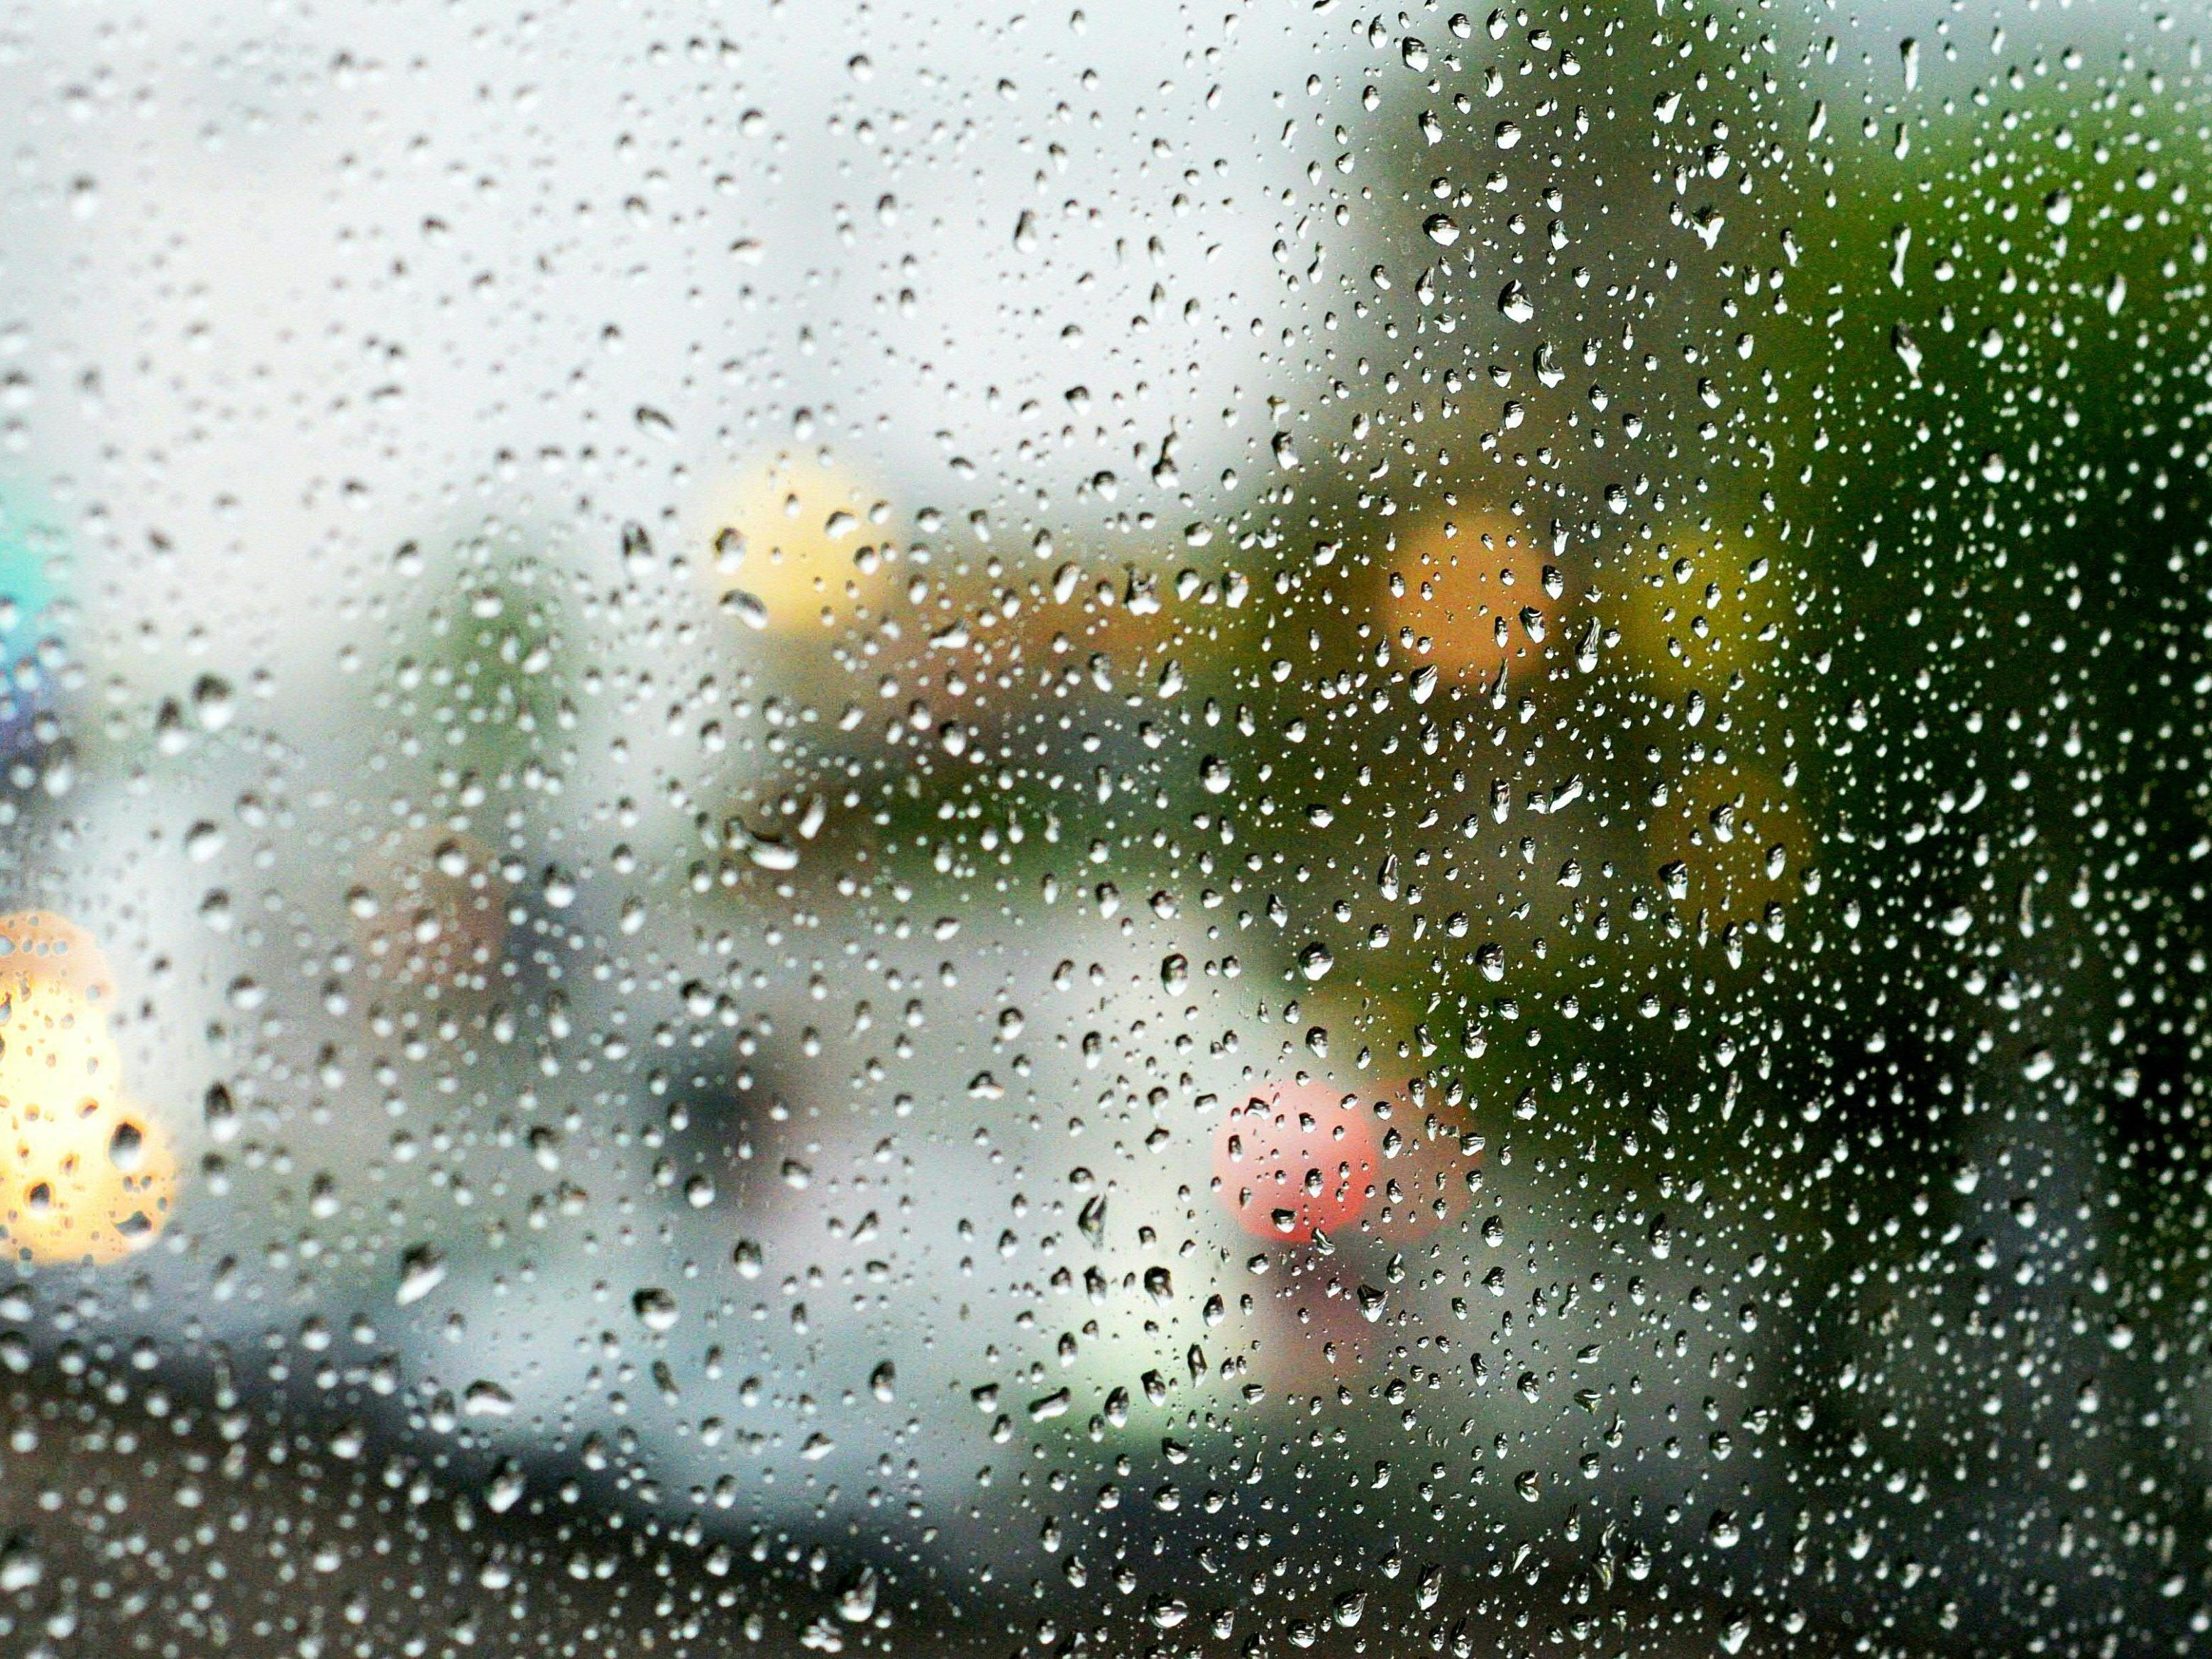 Am Wochenende ist immer wieder mit Regenschauern zu rechnen.